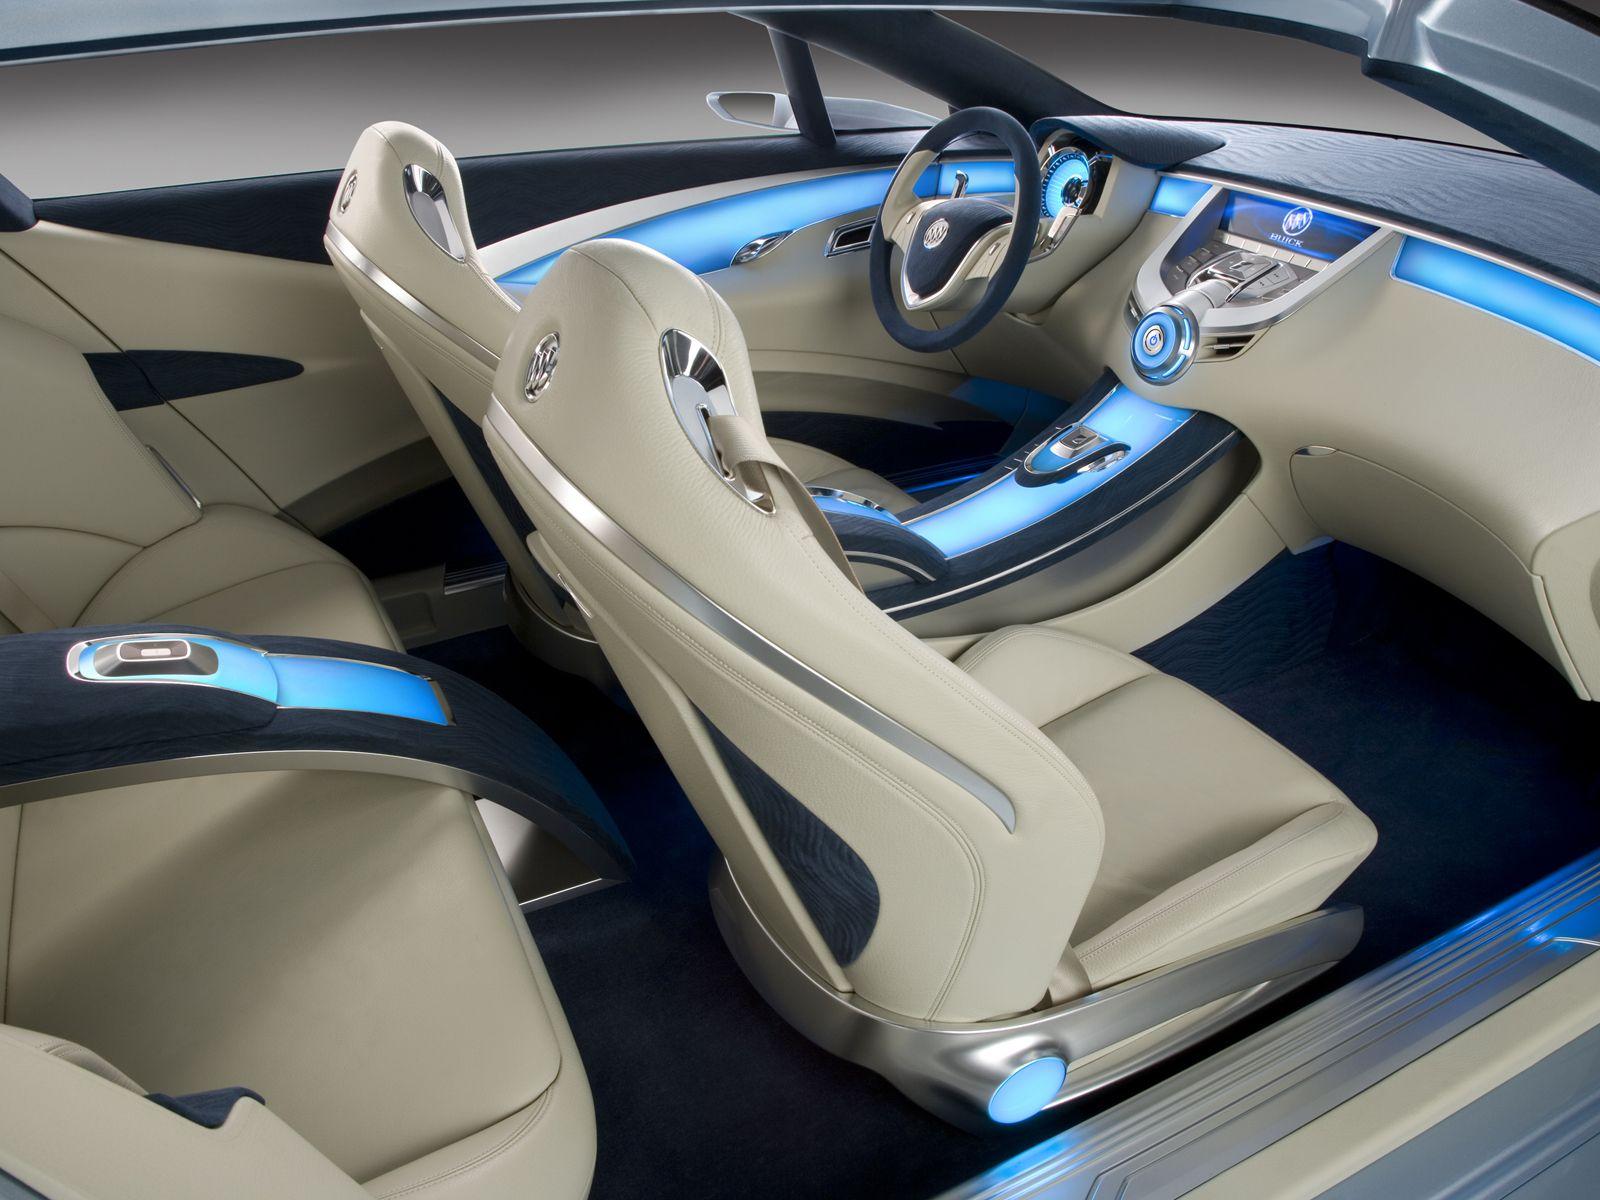 2009 Buick Riviera Concept 28